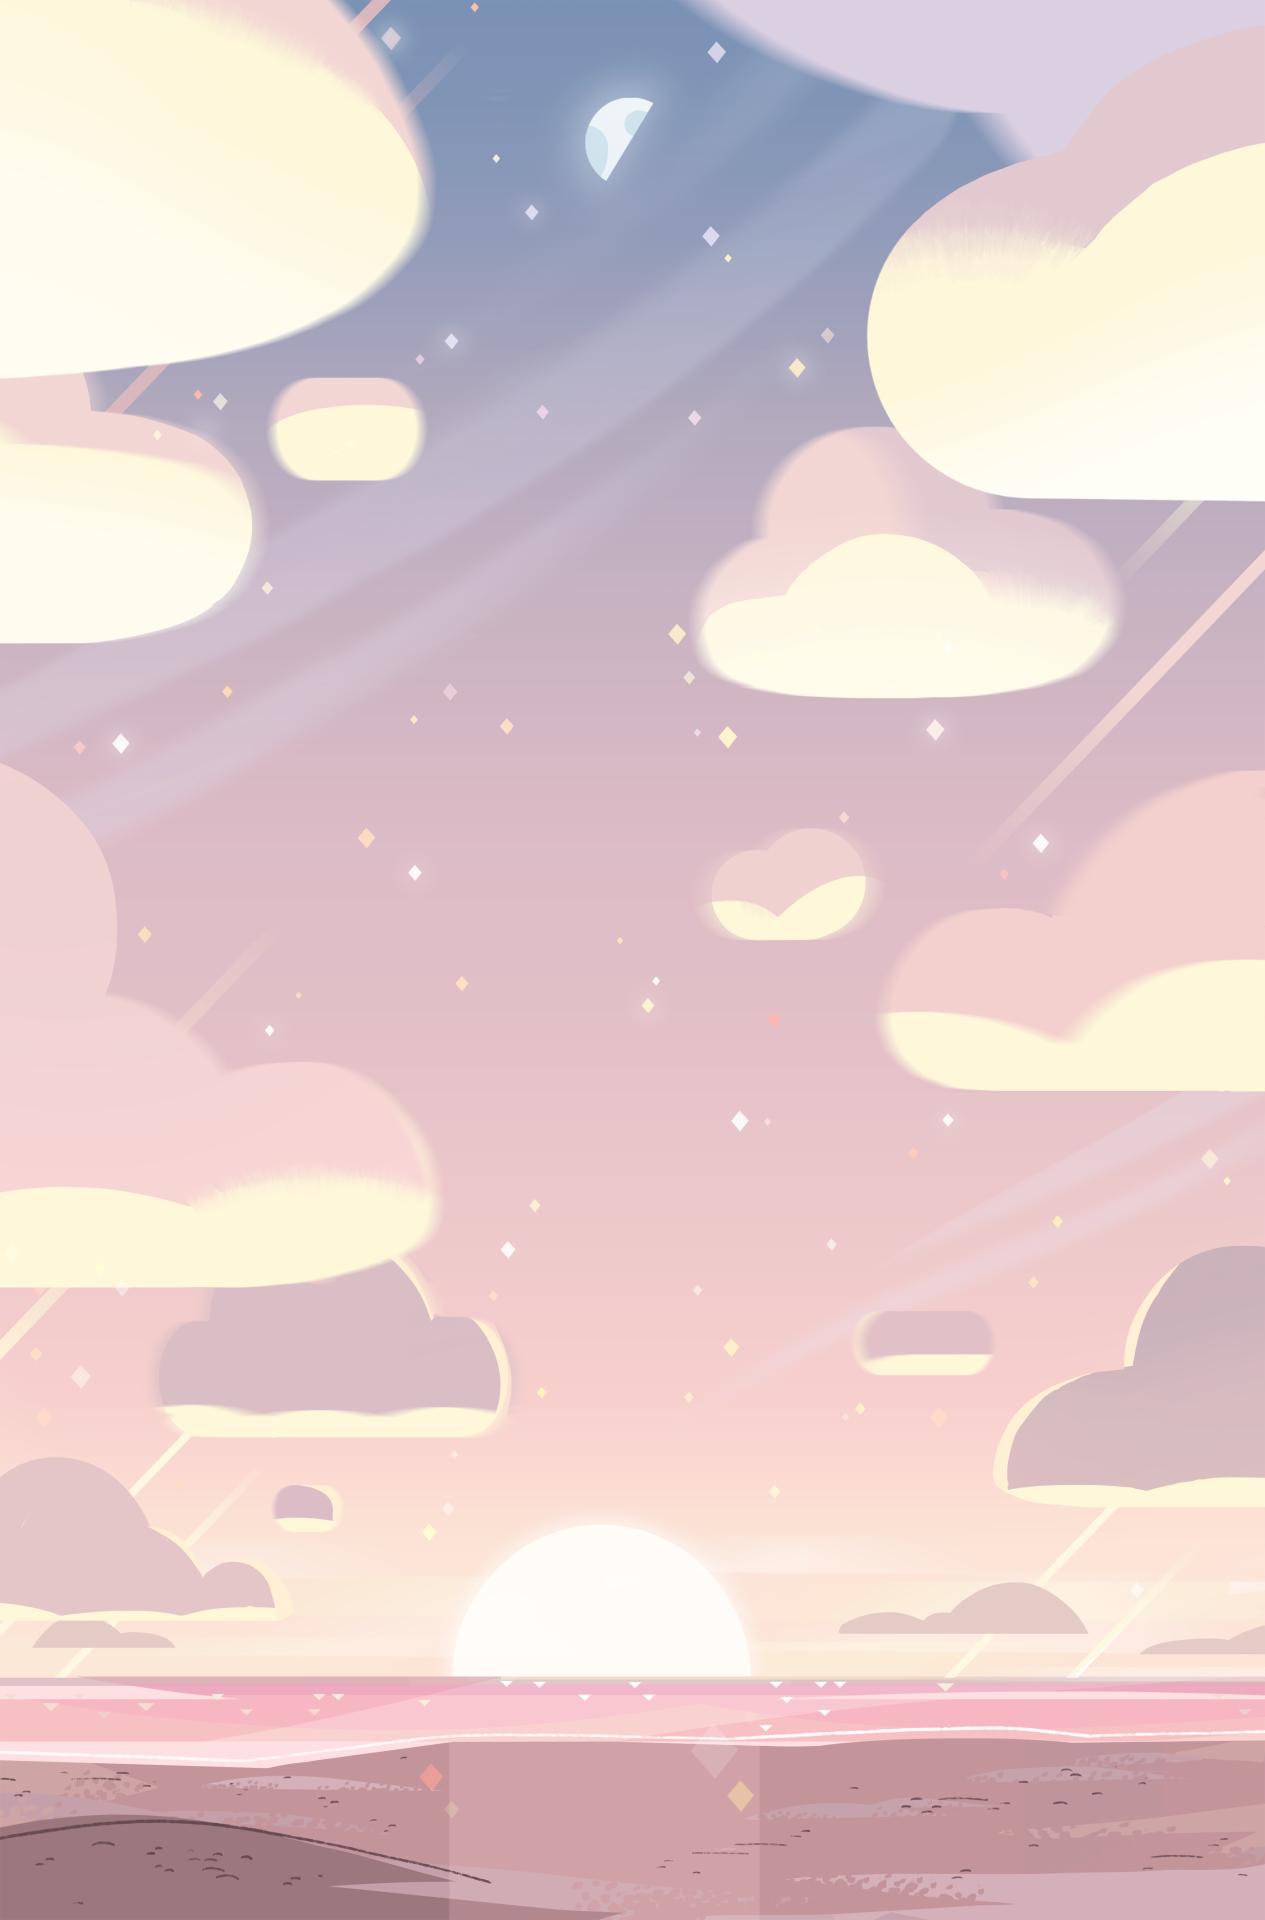 Aesthetic Cloud Wallpaper Cartoon